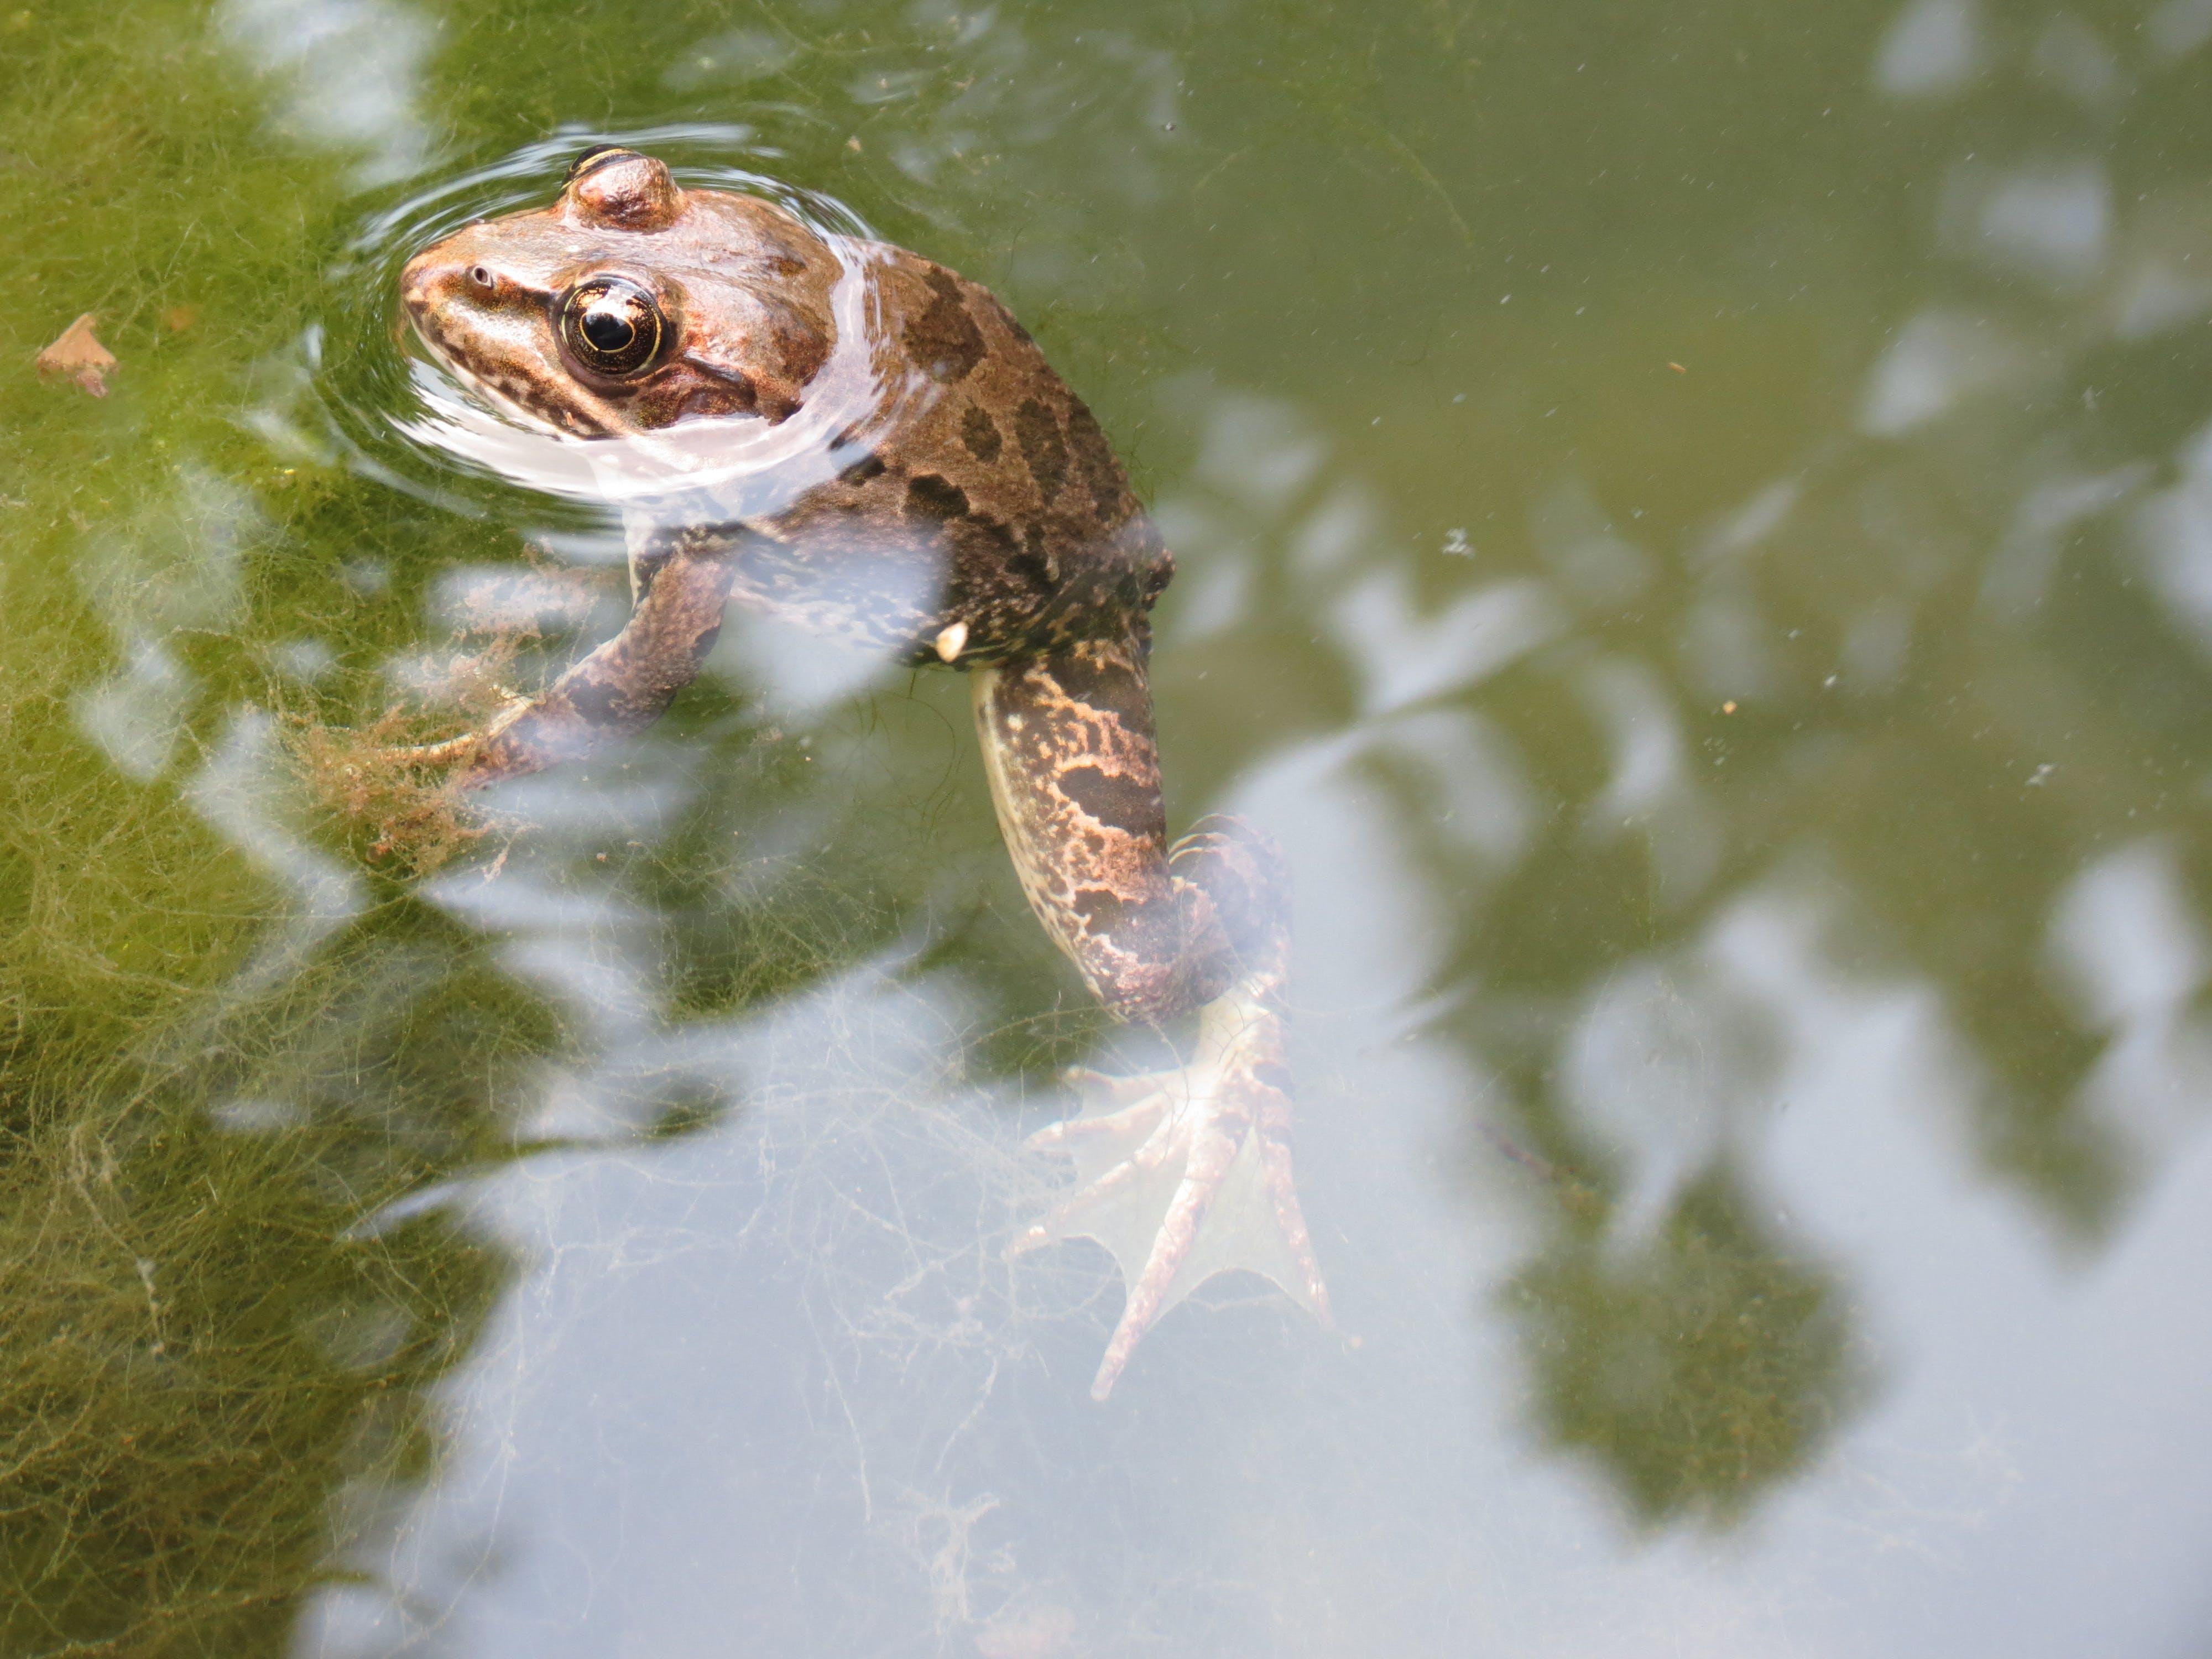 두꺼비, 물, 물속에 두꺼비, 자연의 무료 스톡 사진